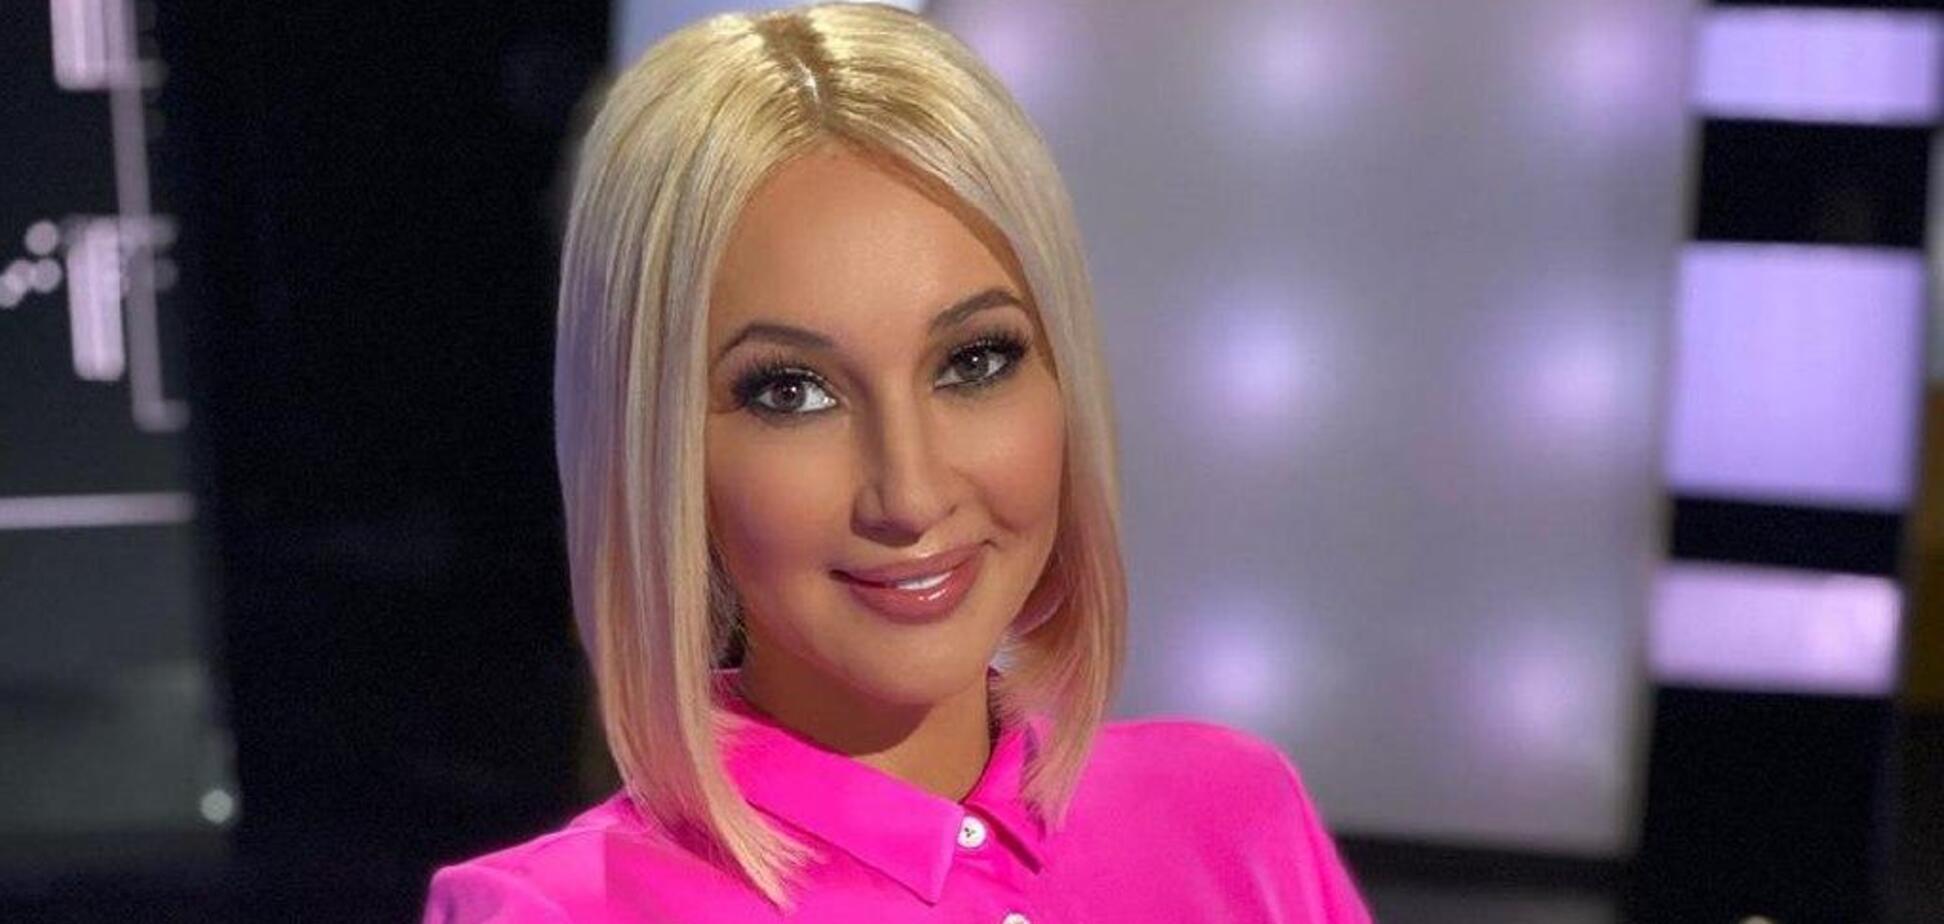 Стильно или вульгарно? Лера Кудрявцева в прозрачной блузке поддалась критике в сети. Фото